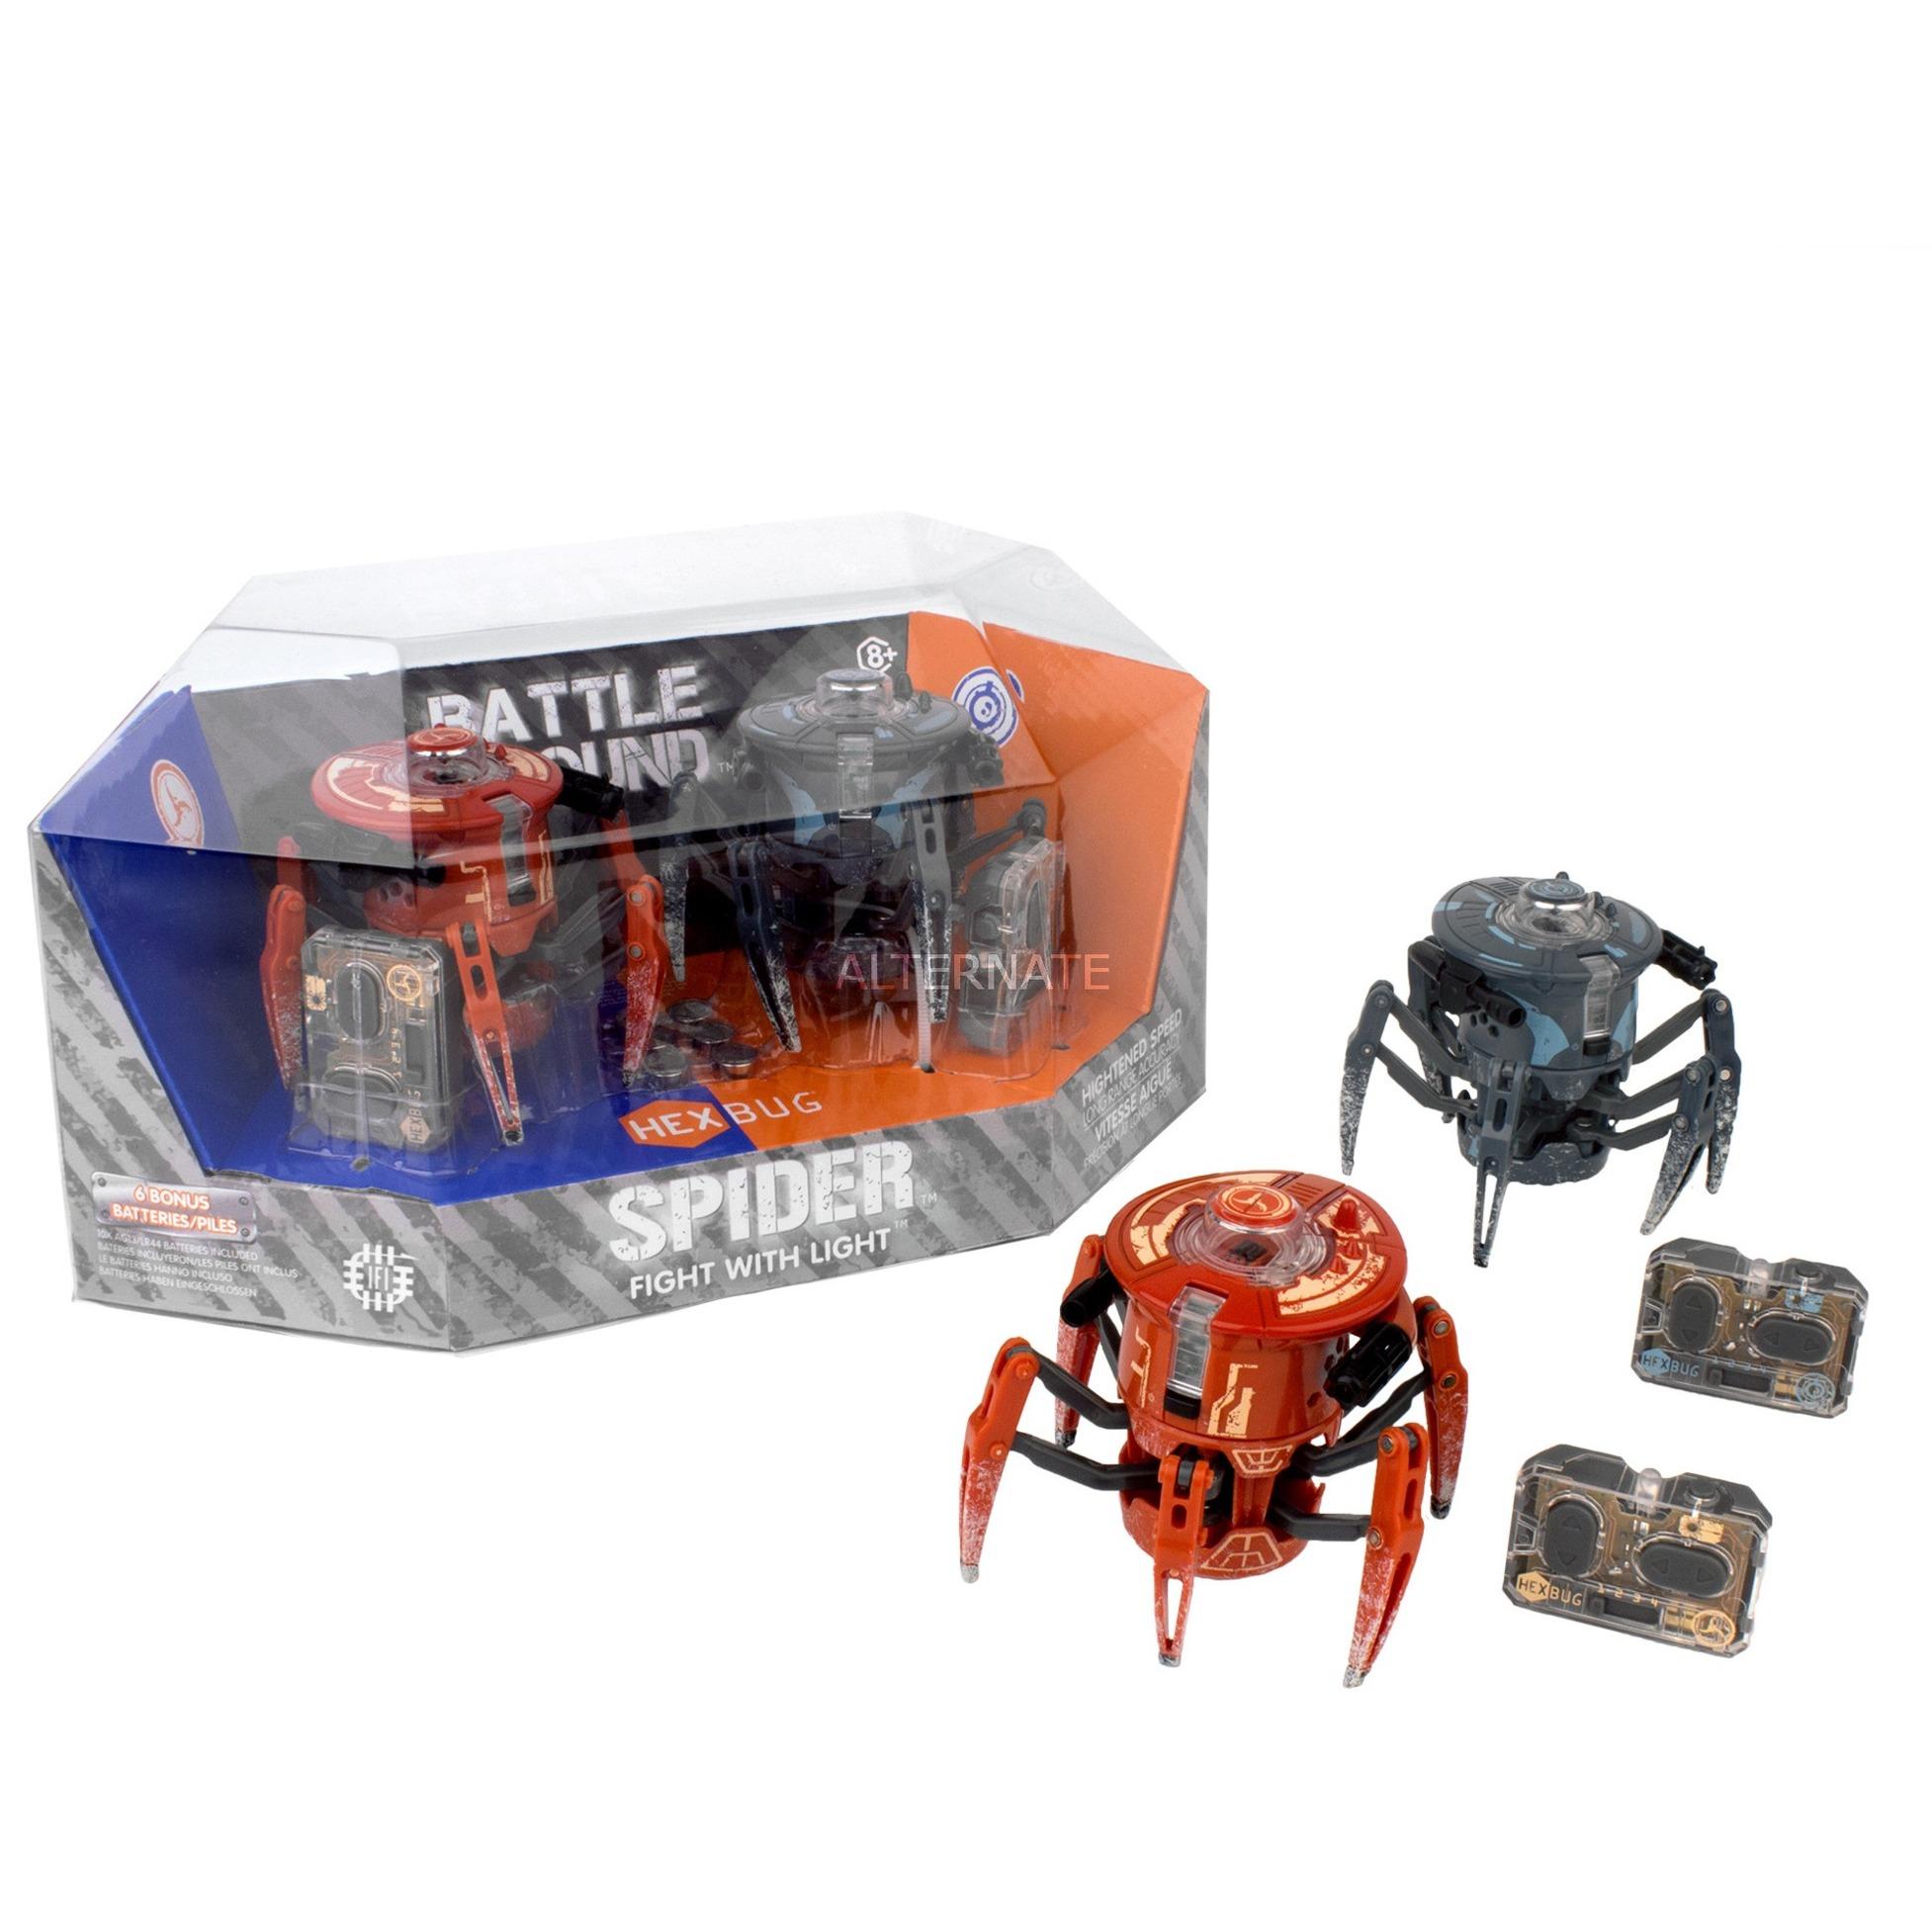 Battle Ground Spider 2.0, Radiocontrol